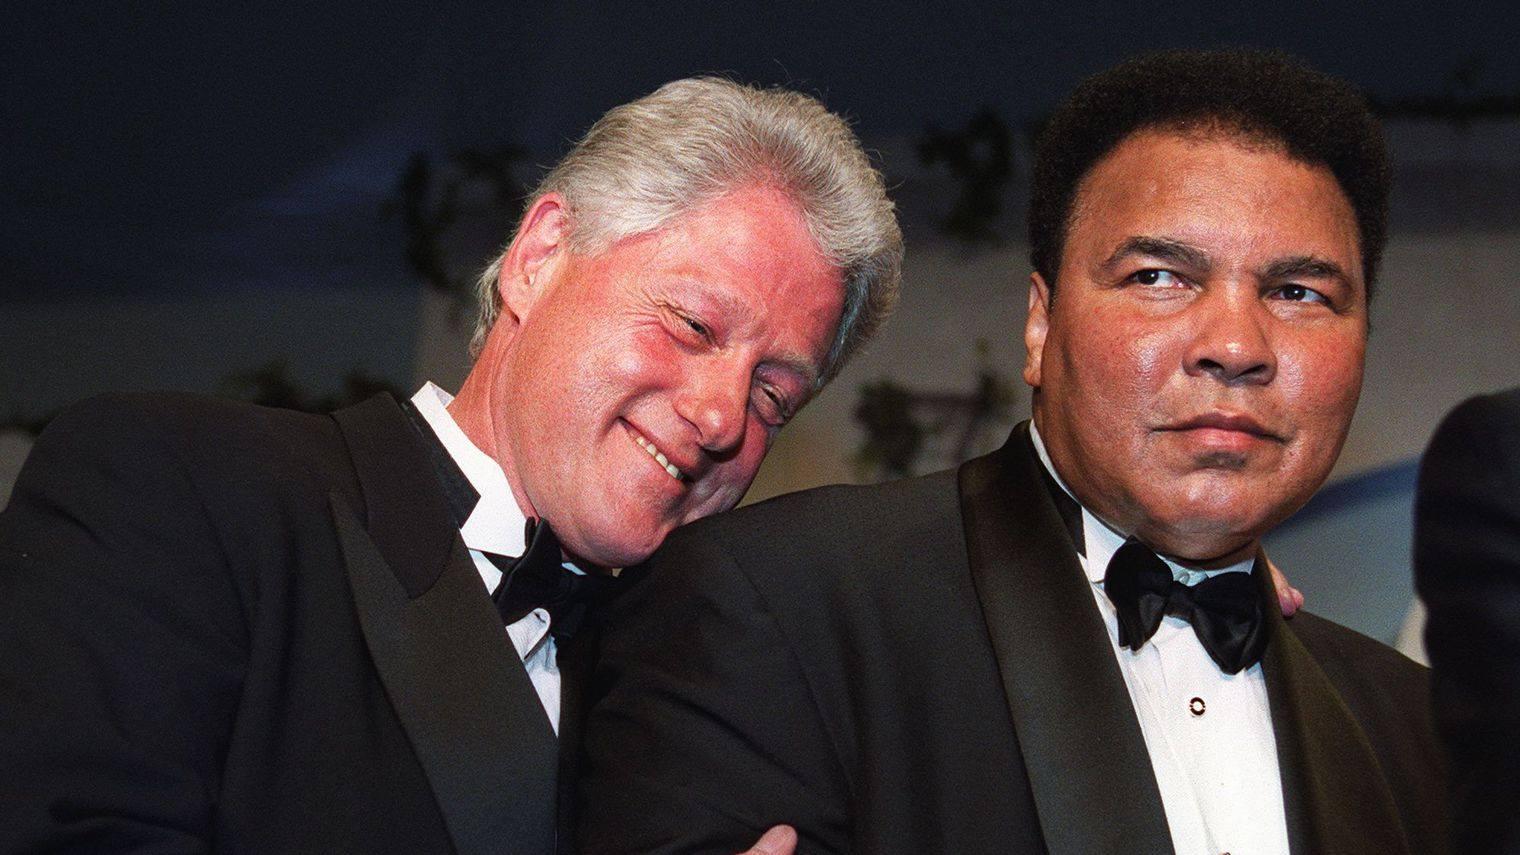 Ali et clinton